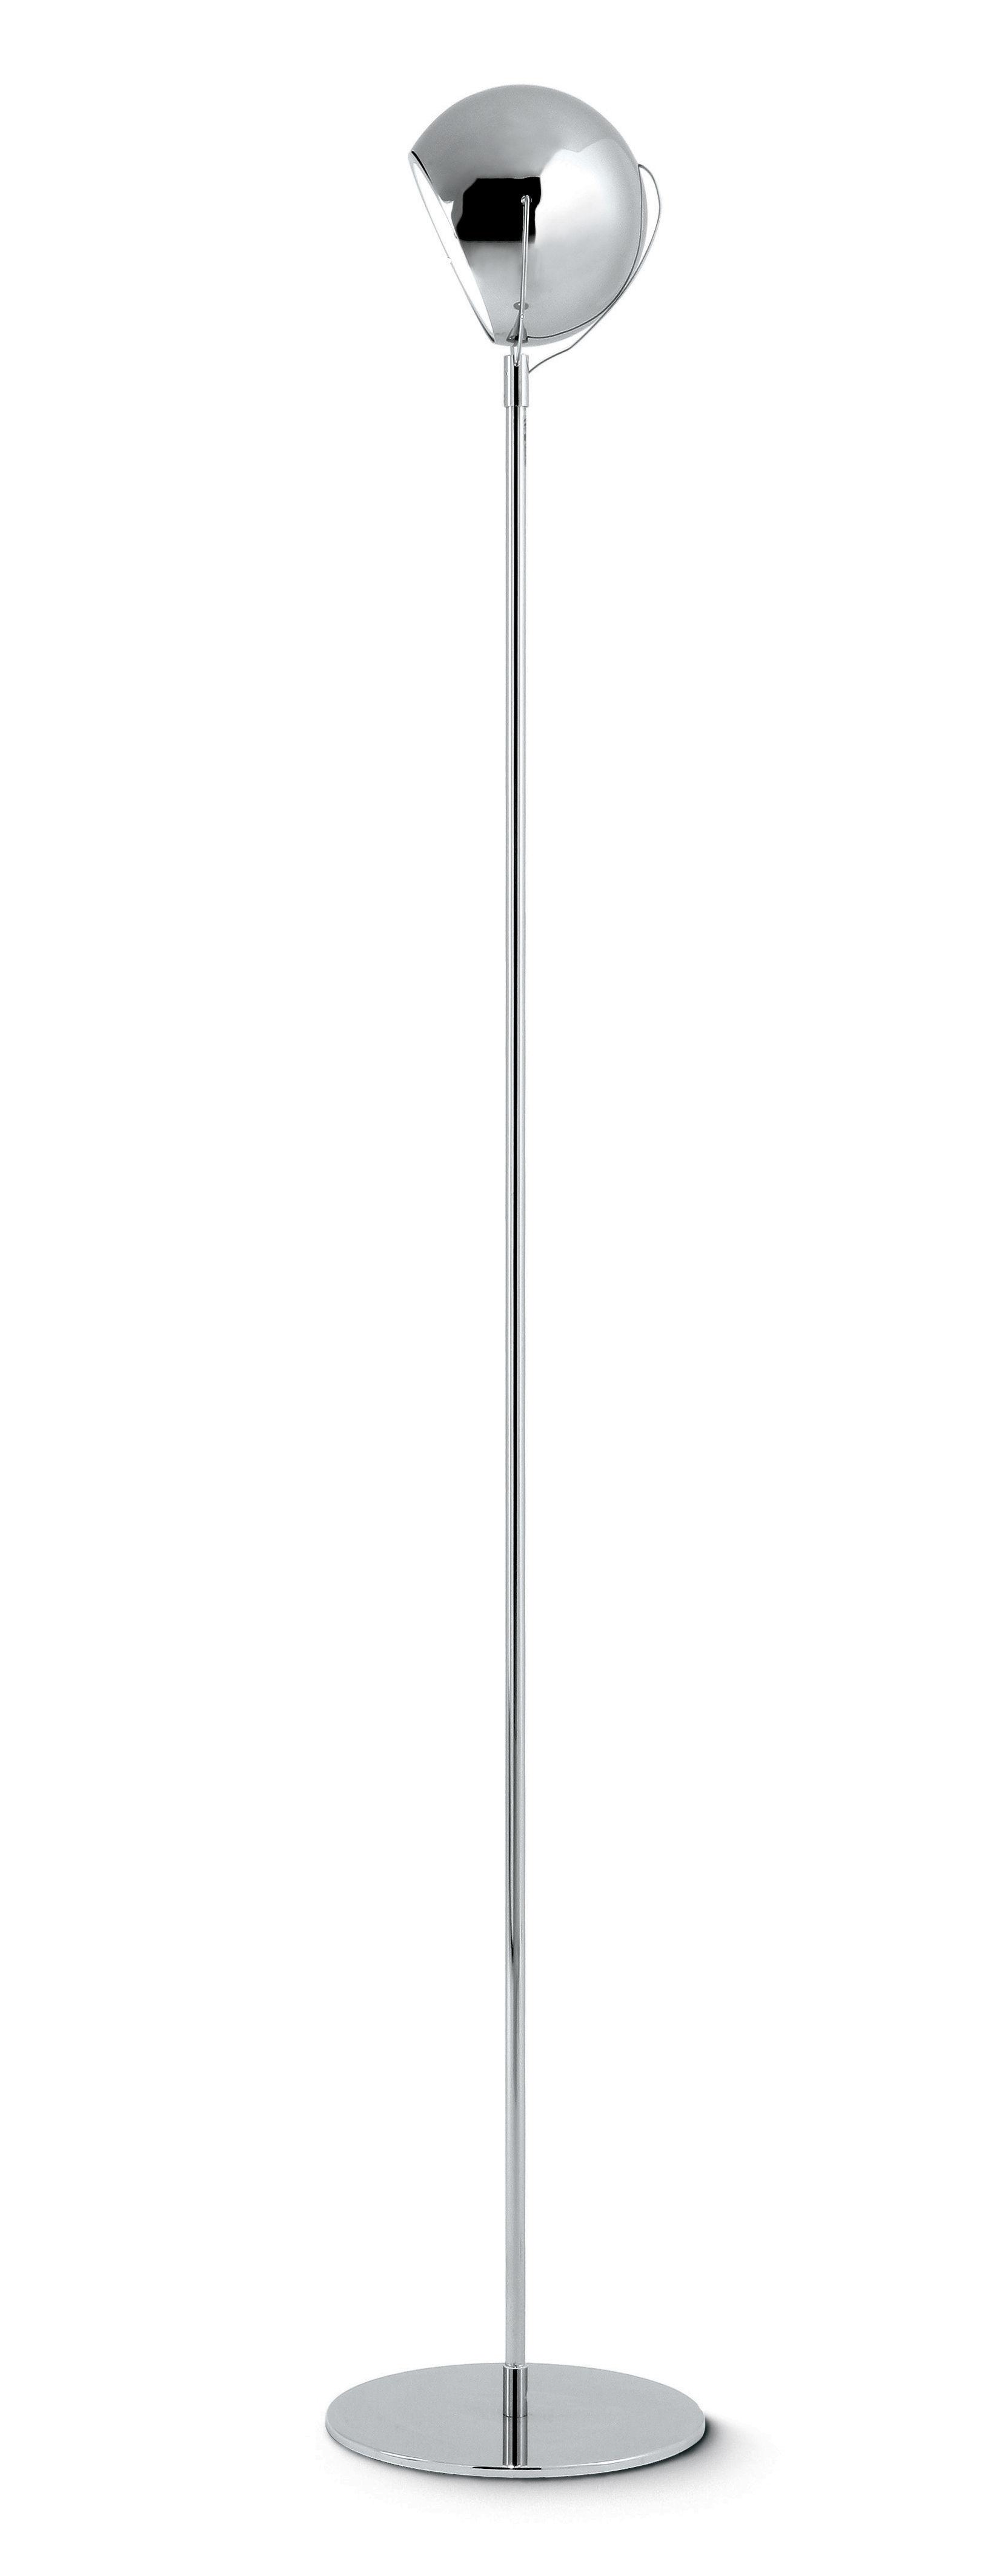 Lighting - Floor lamps - Beluga Floor lamp by Fabbian - Chromed - Chromed metal